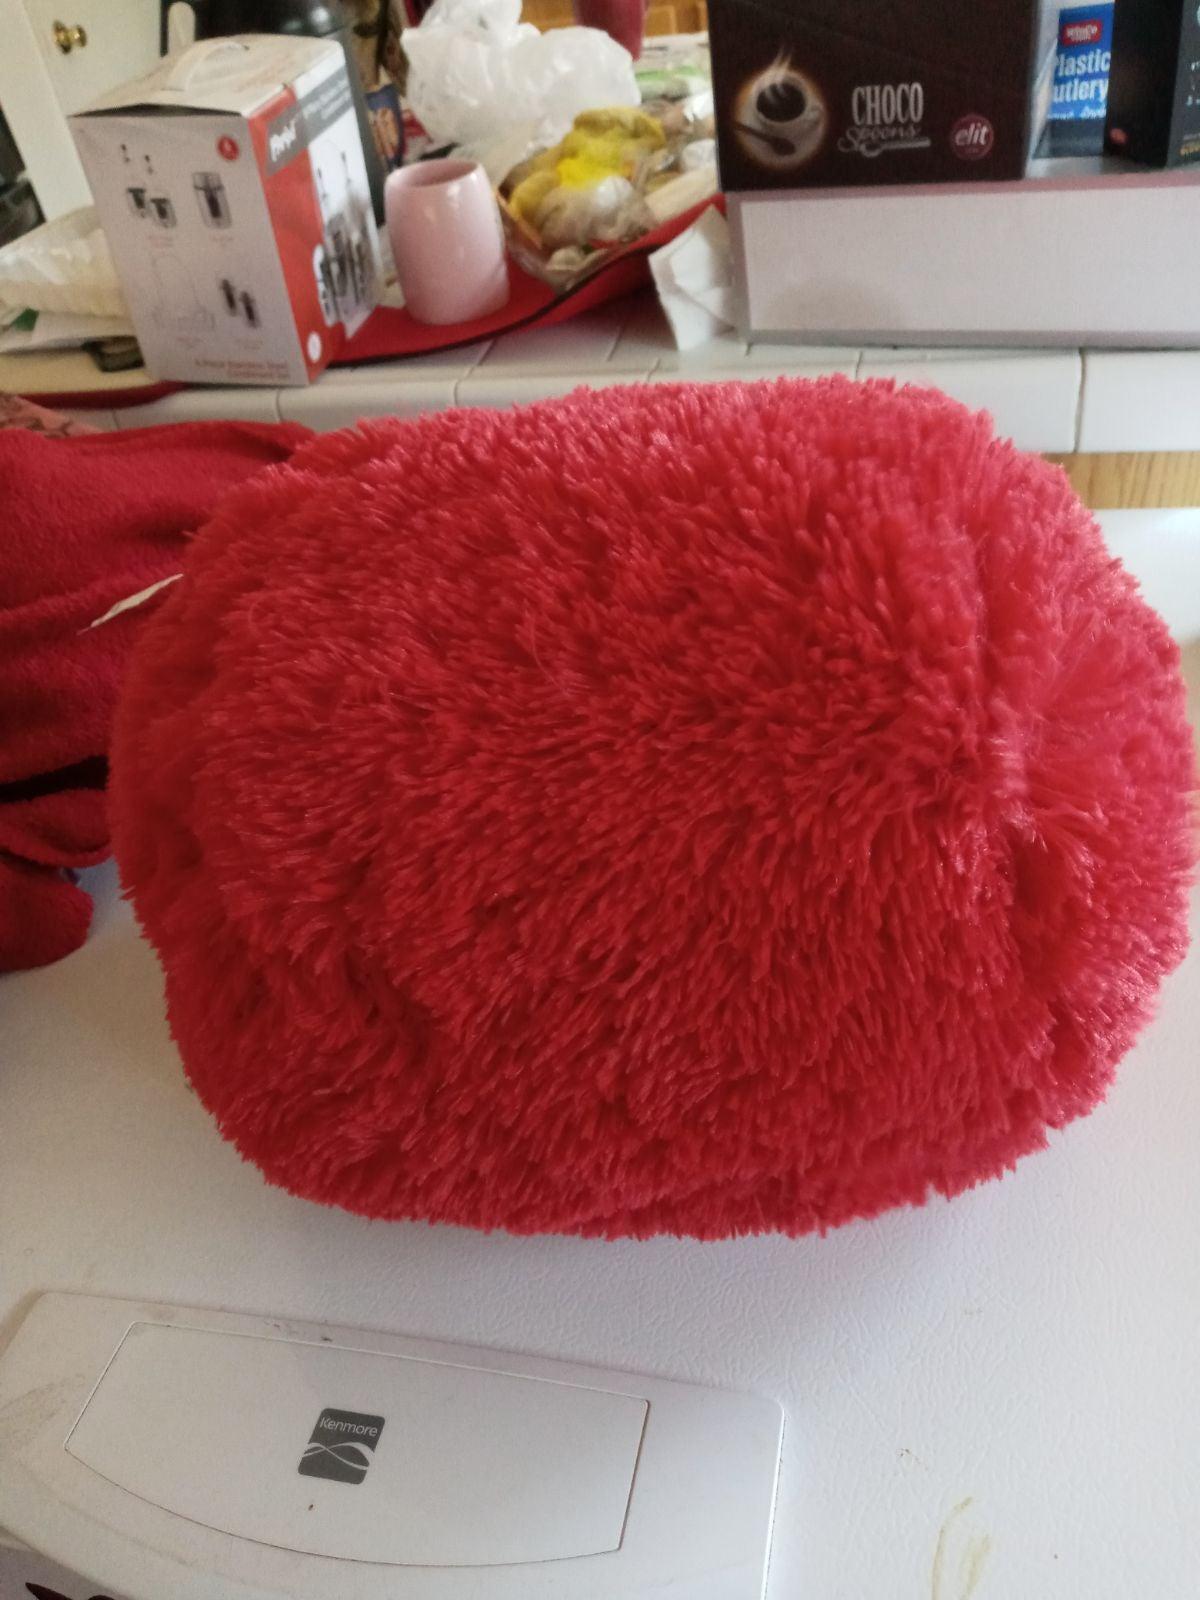 Puff pillow